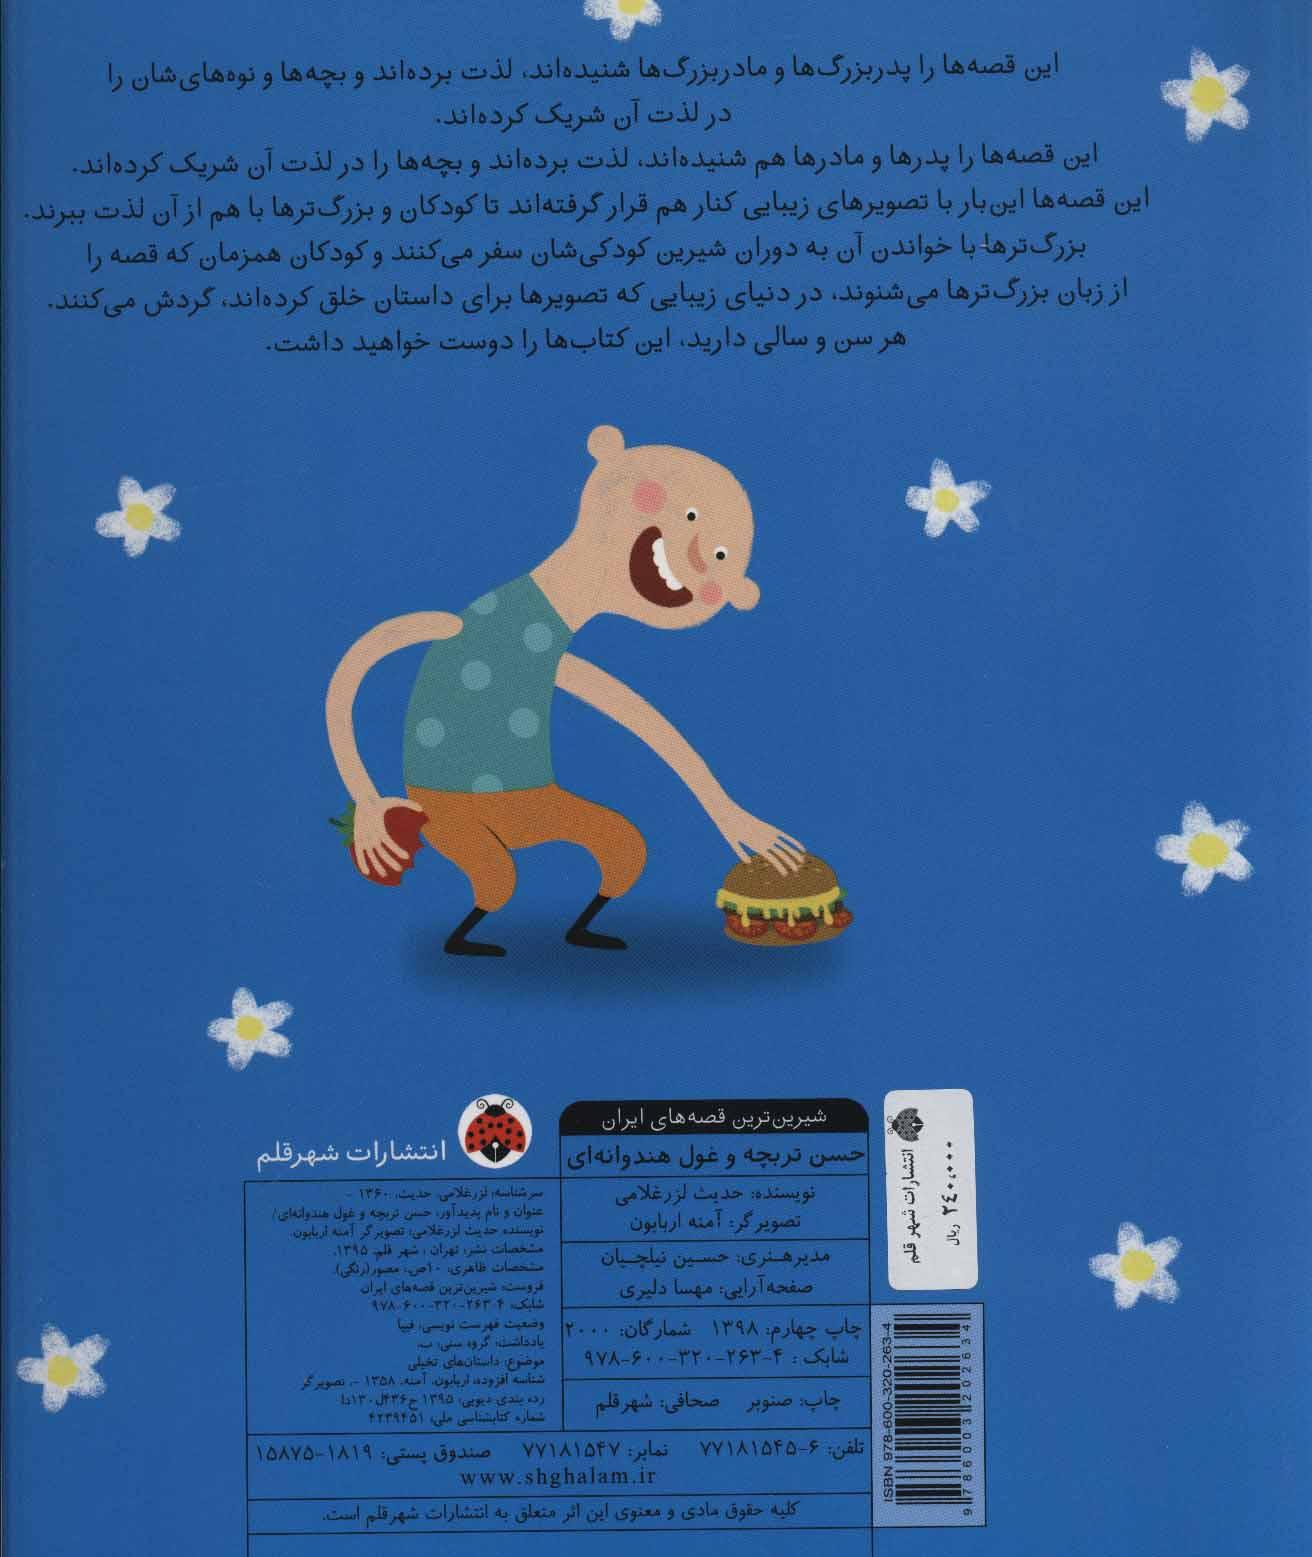 شیرین ترین قصه های ایران (حسن تربچه و غول هندوانه ایی)،(گلاسه)